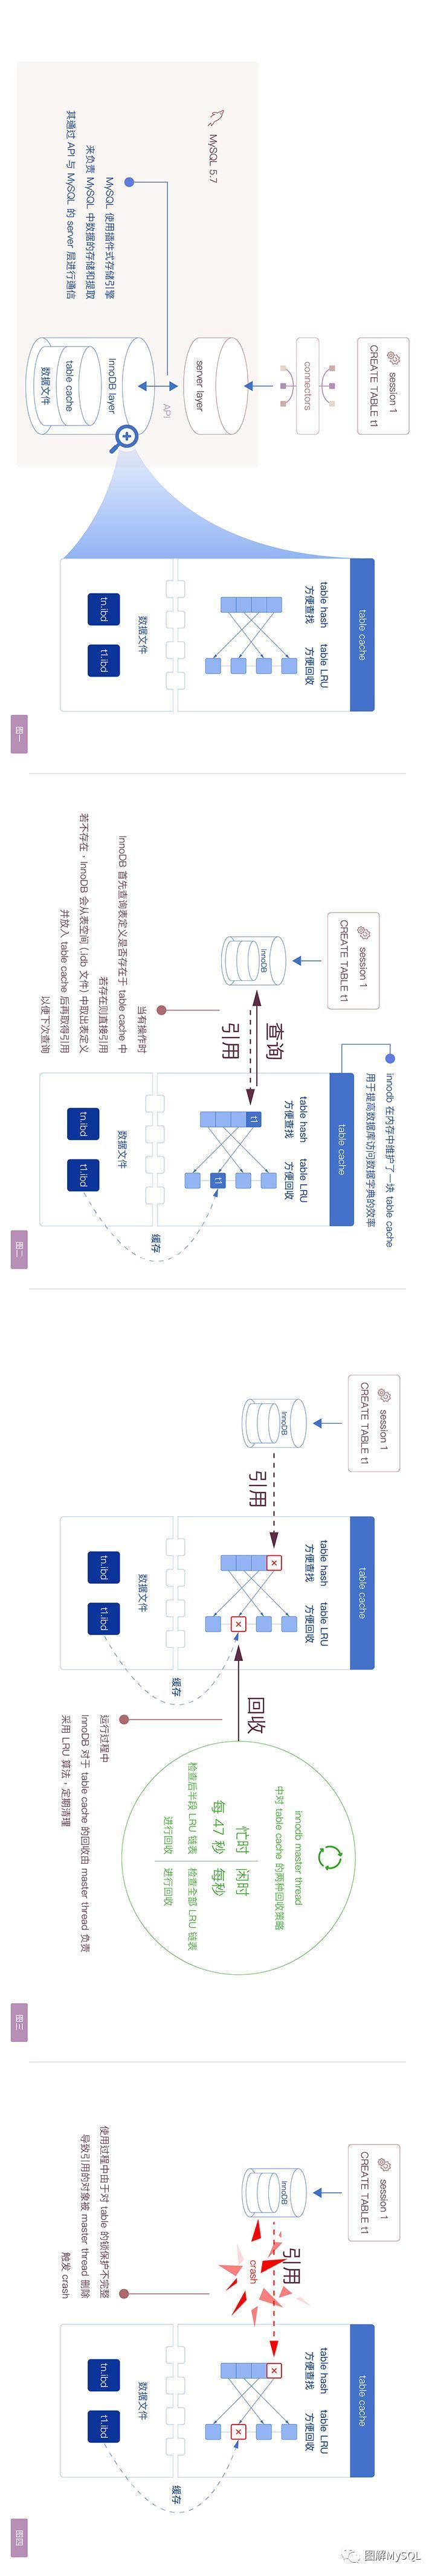 [缺陷分析] Table cache 导致 MySQL 崩溃